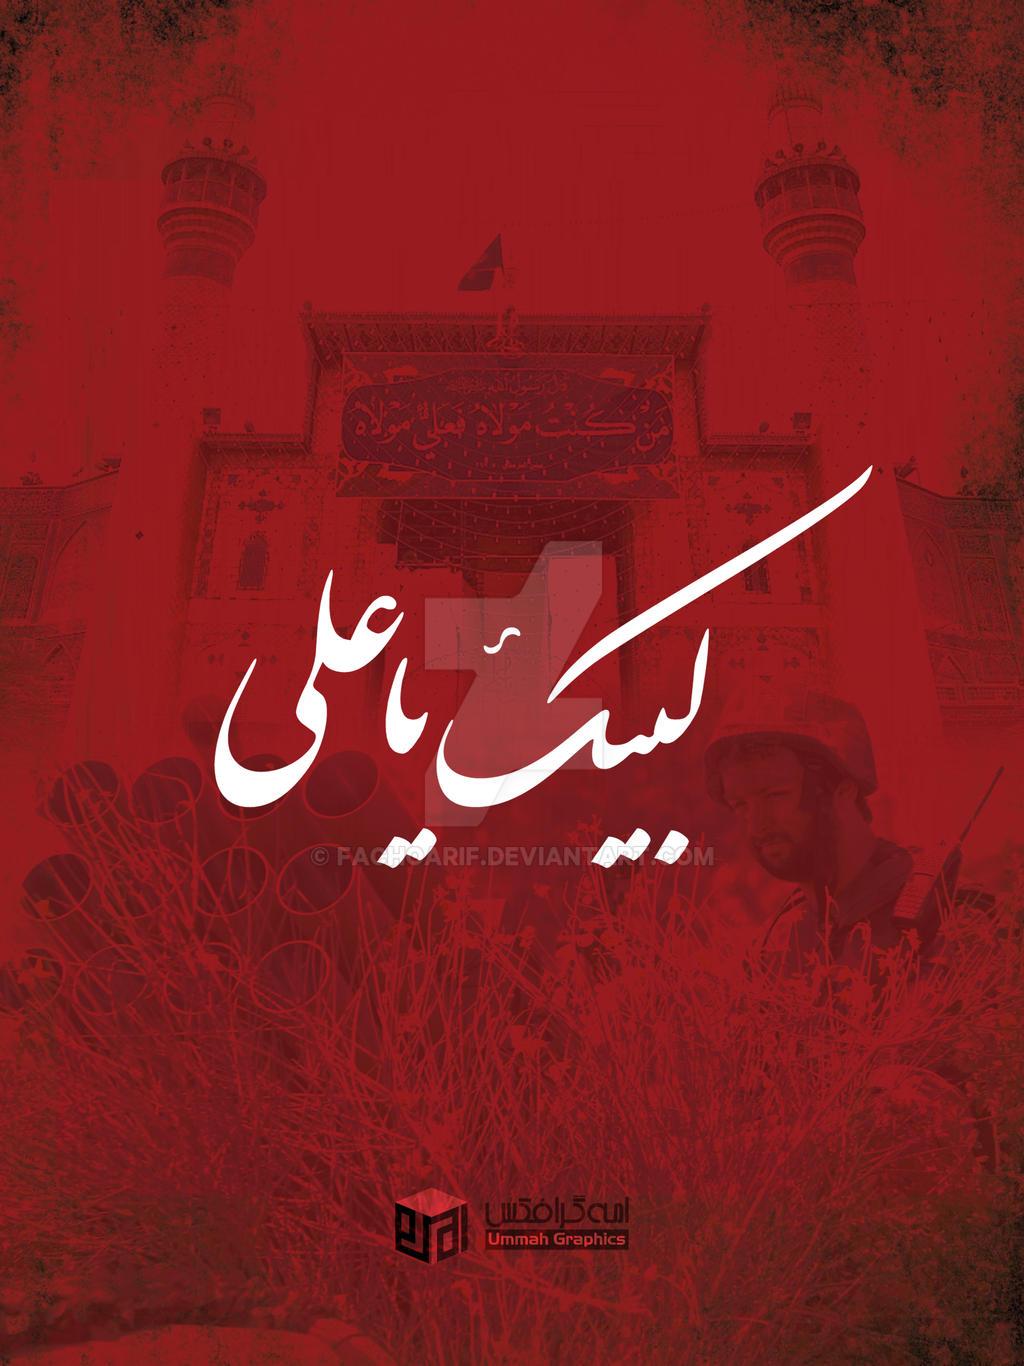 Ya Hussain Wallpapers 2013 Labbaik Ya Ali ...